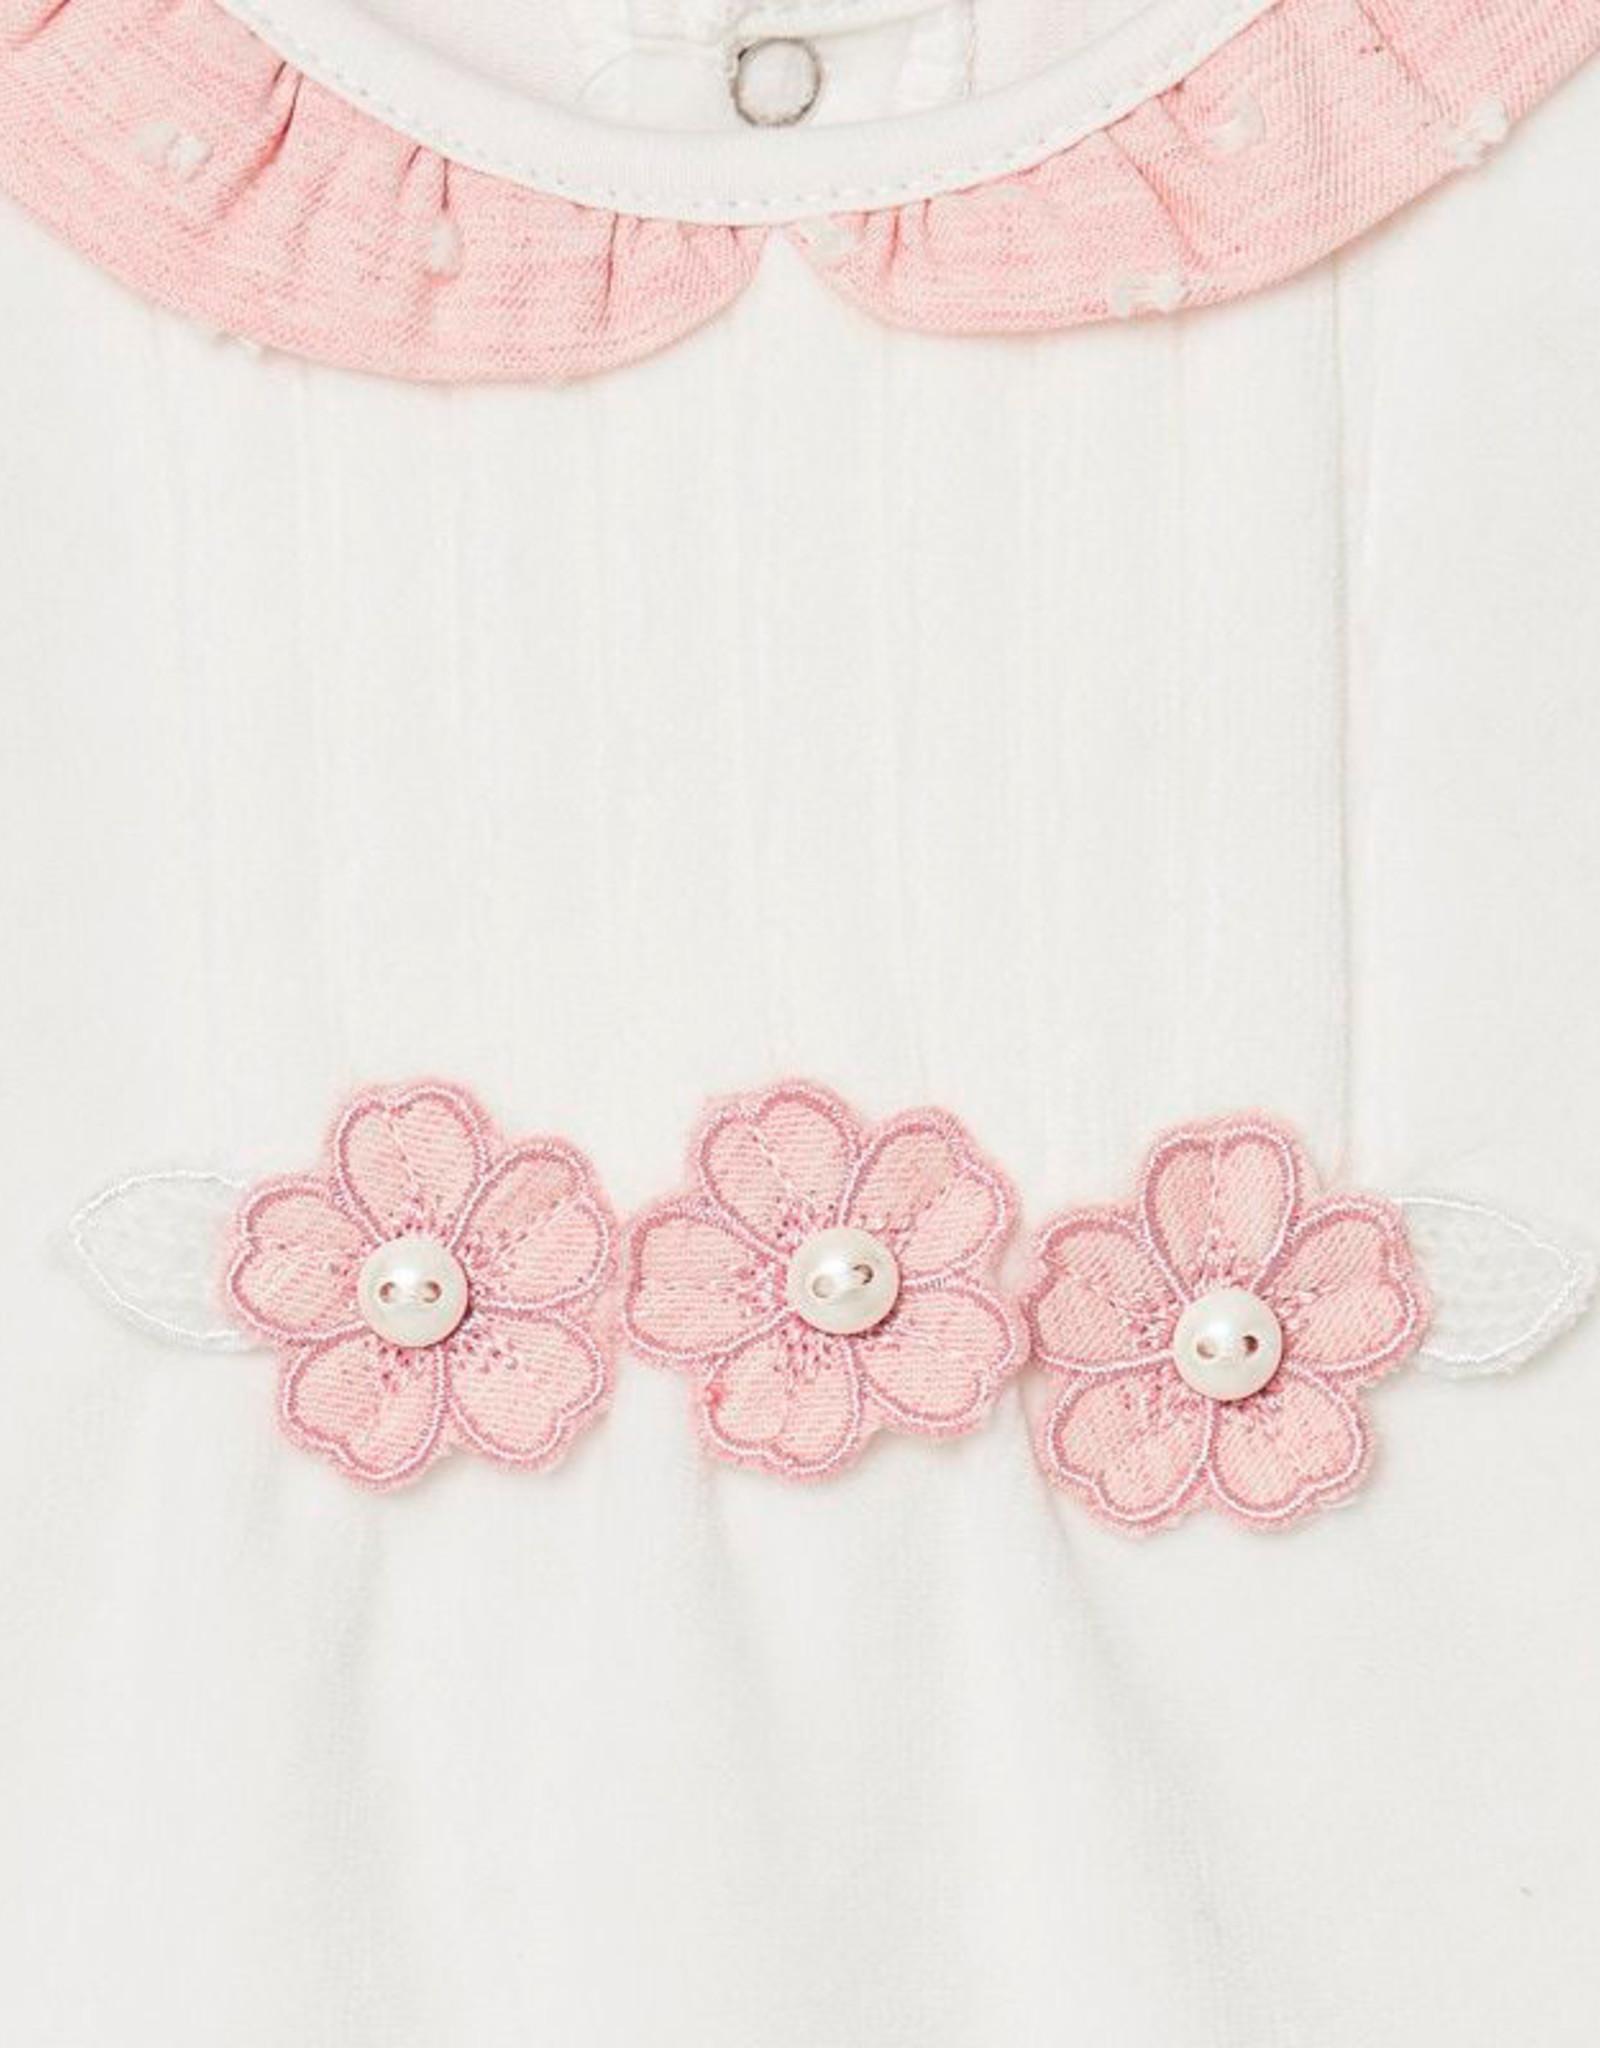 Flower pajamas